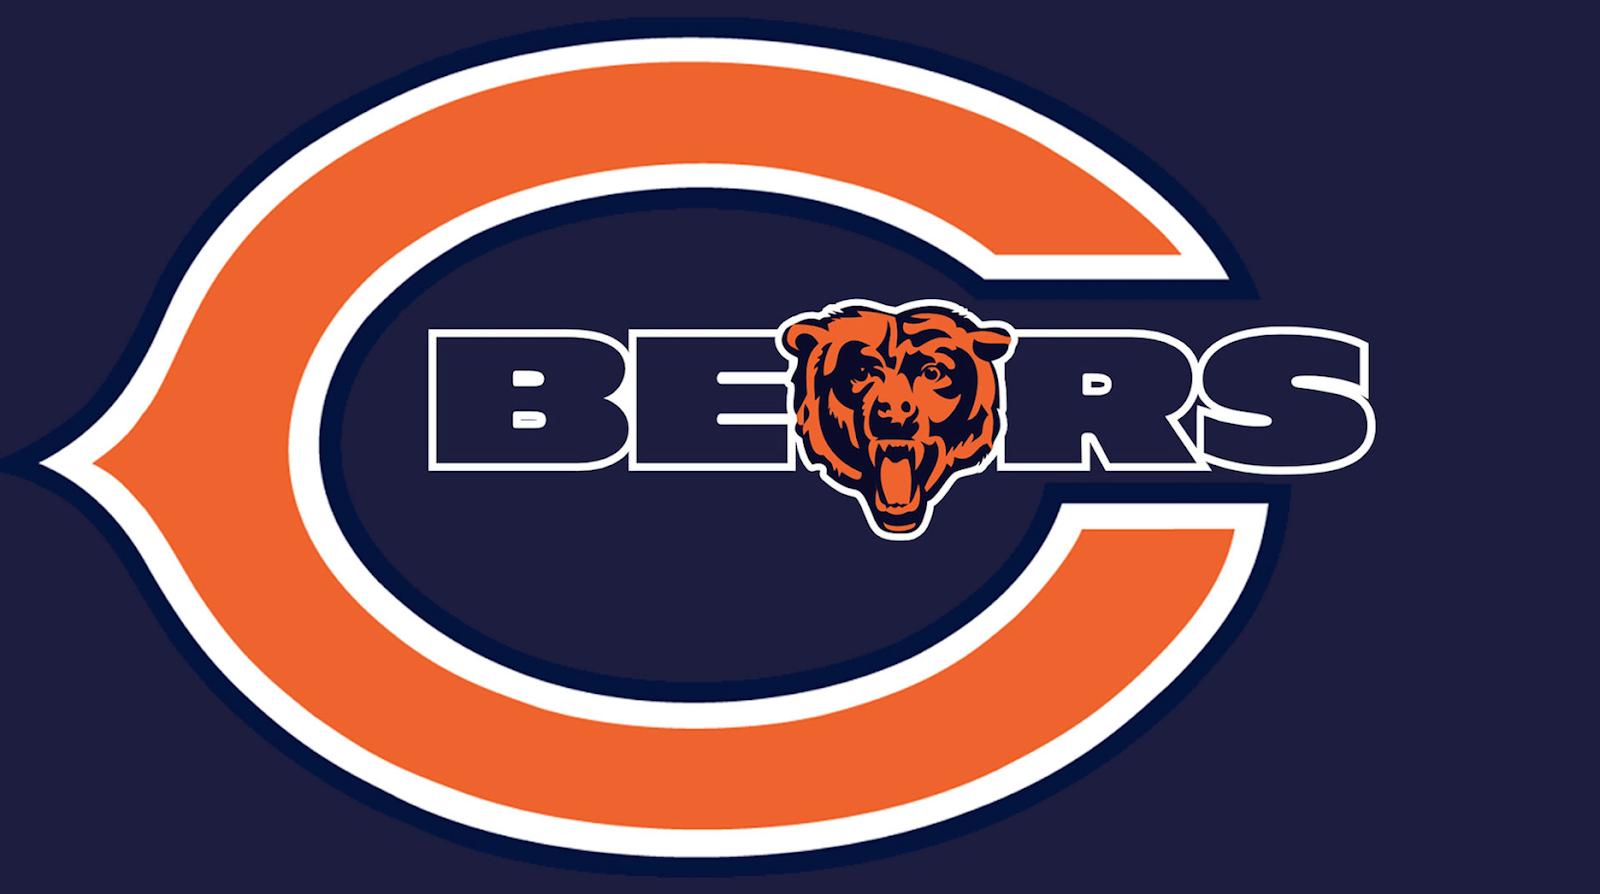 Chicago Bears có một con gấu rõ ràng trên huy hiệu của đội